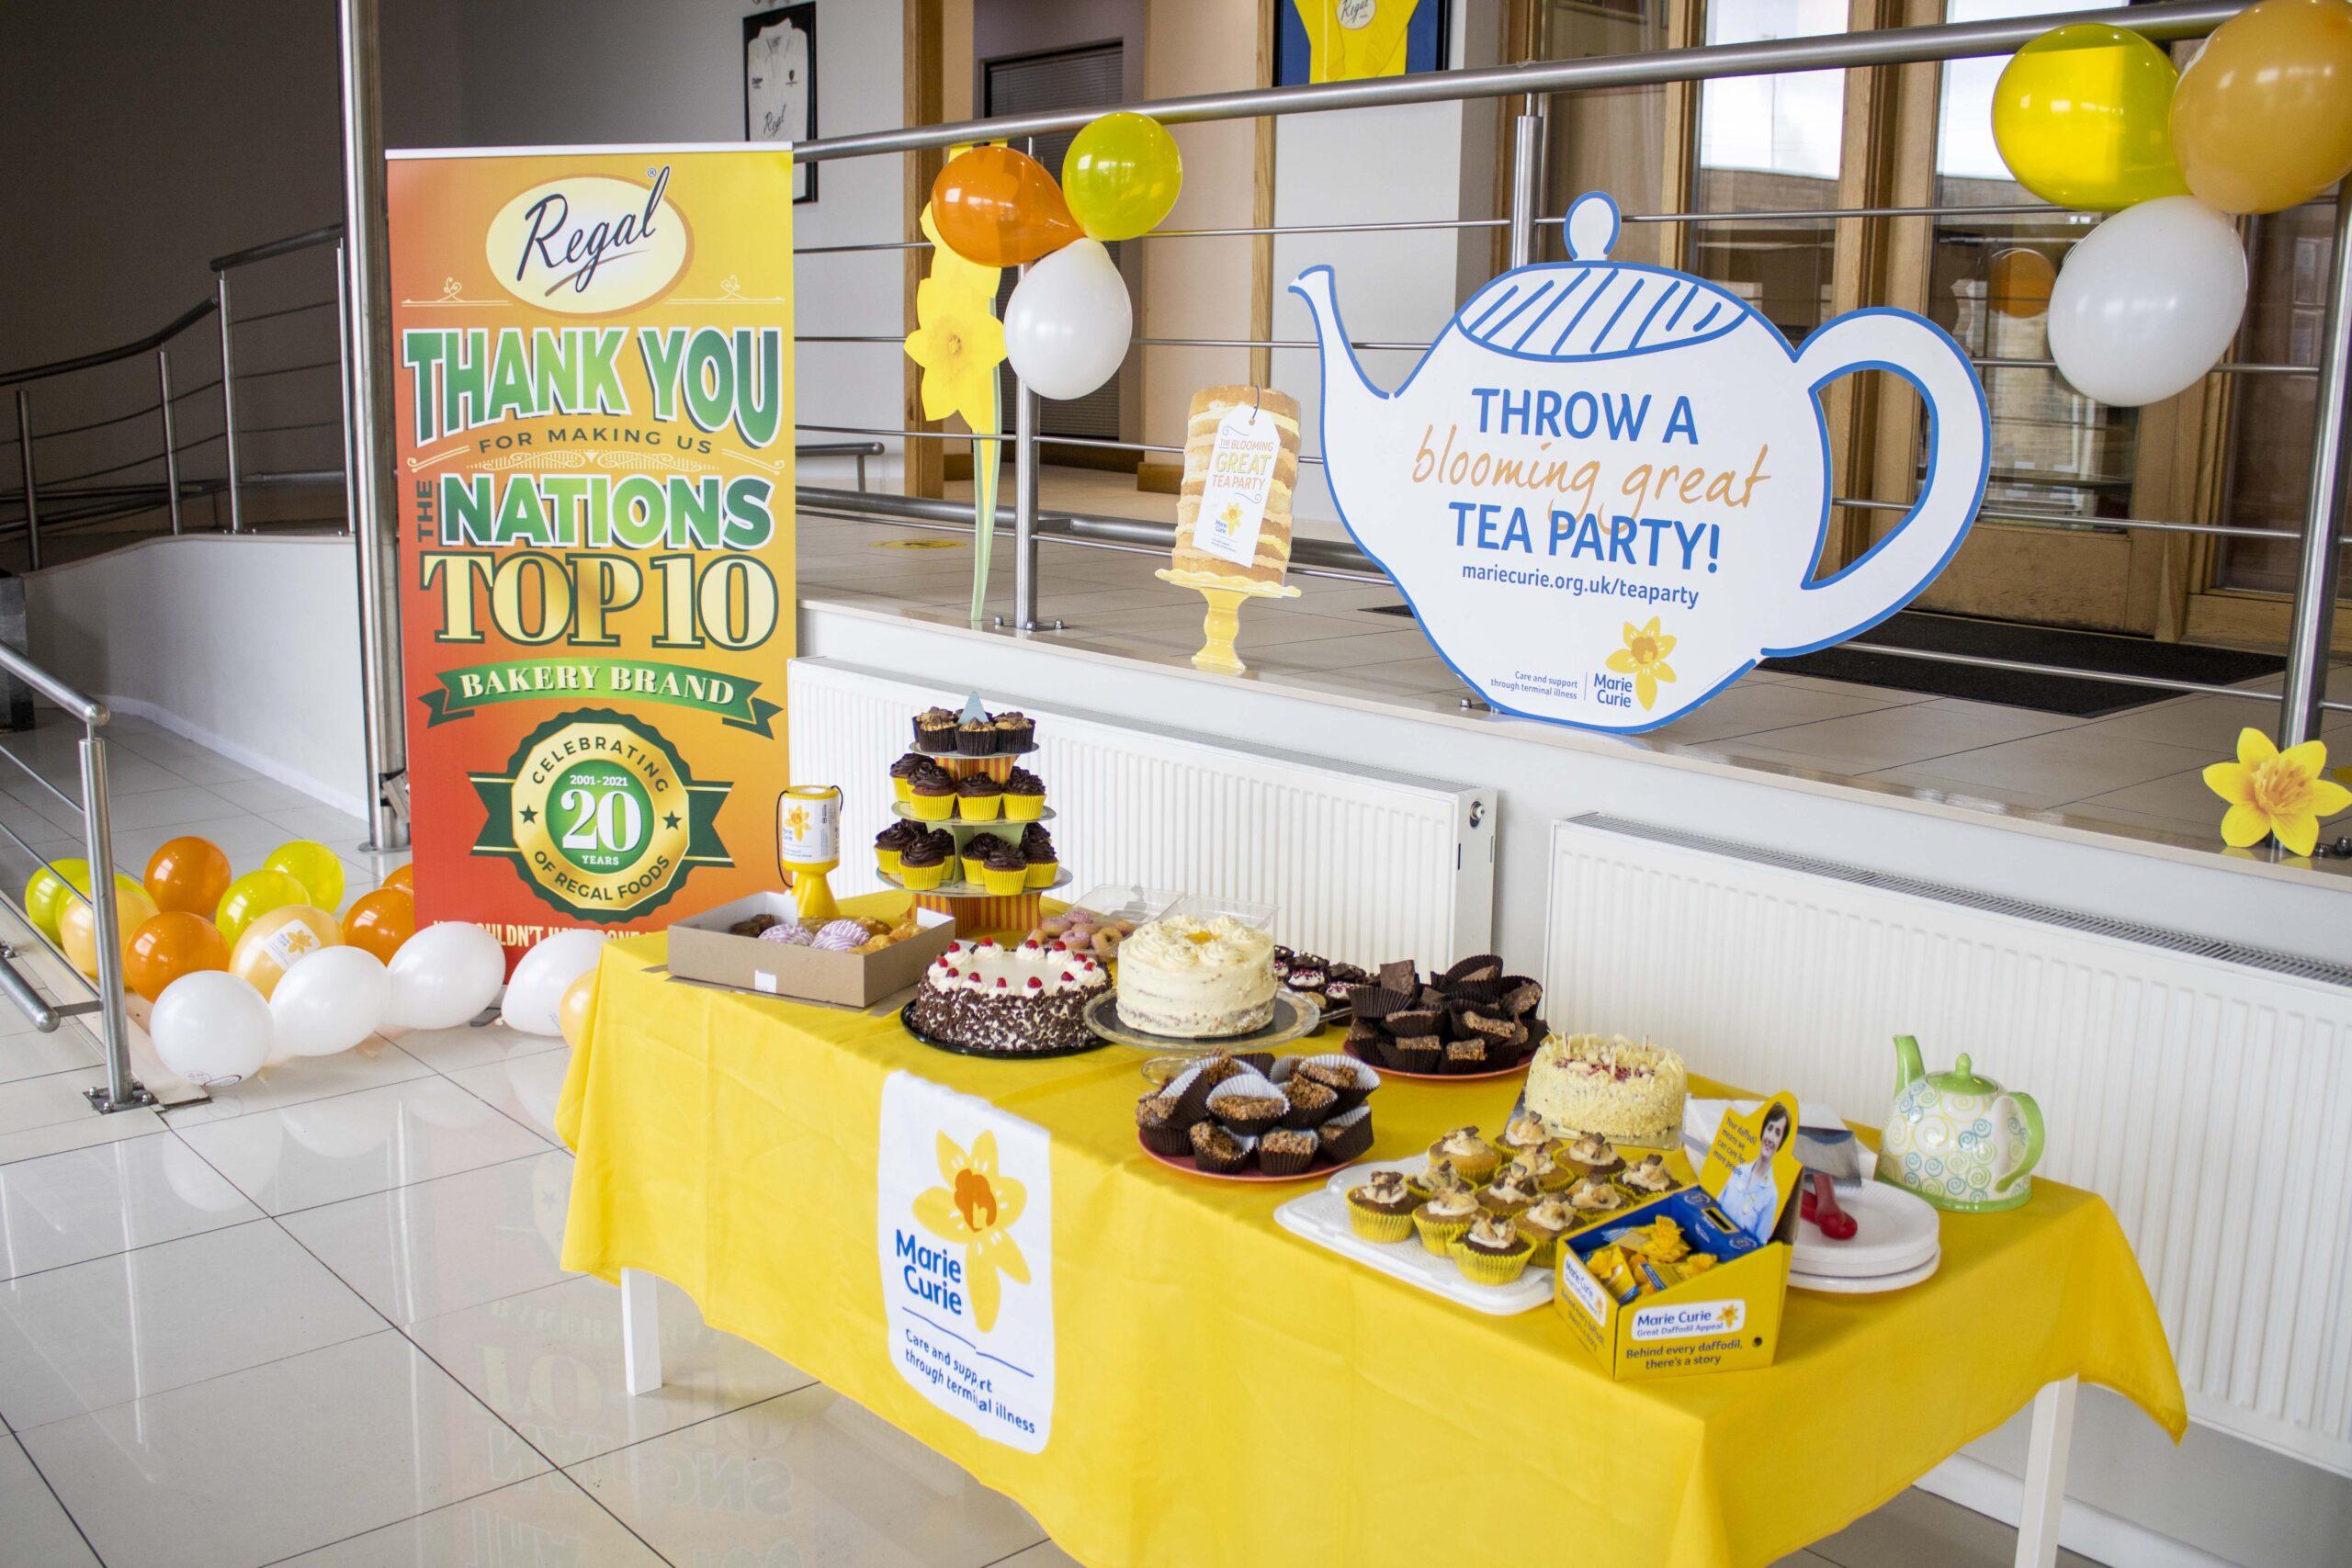 Tea Party Raises £1,000